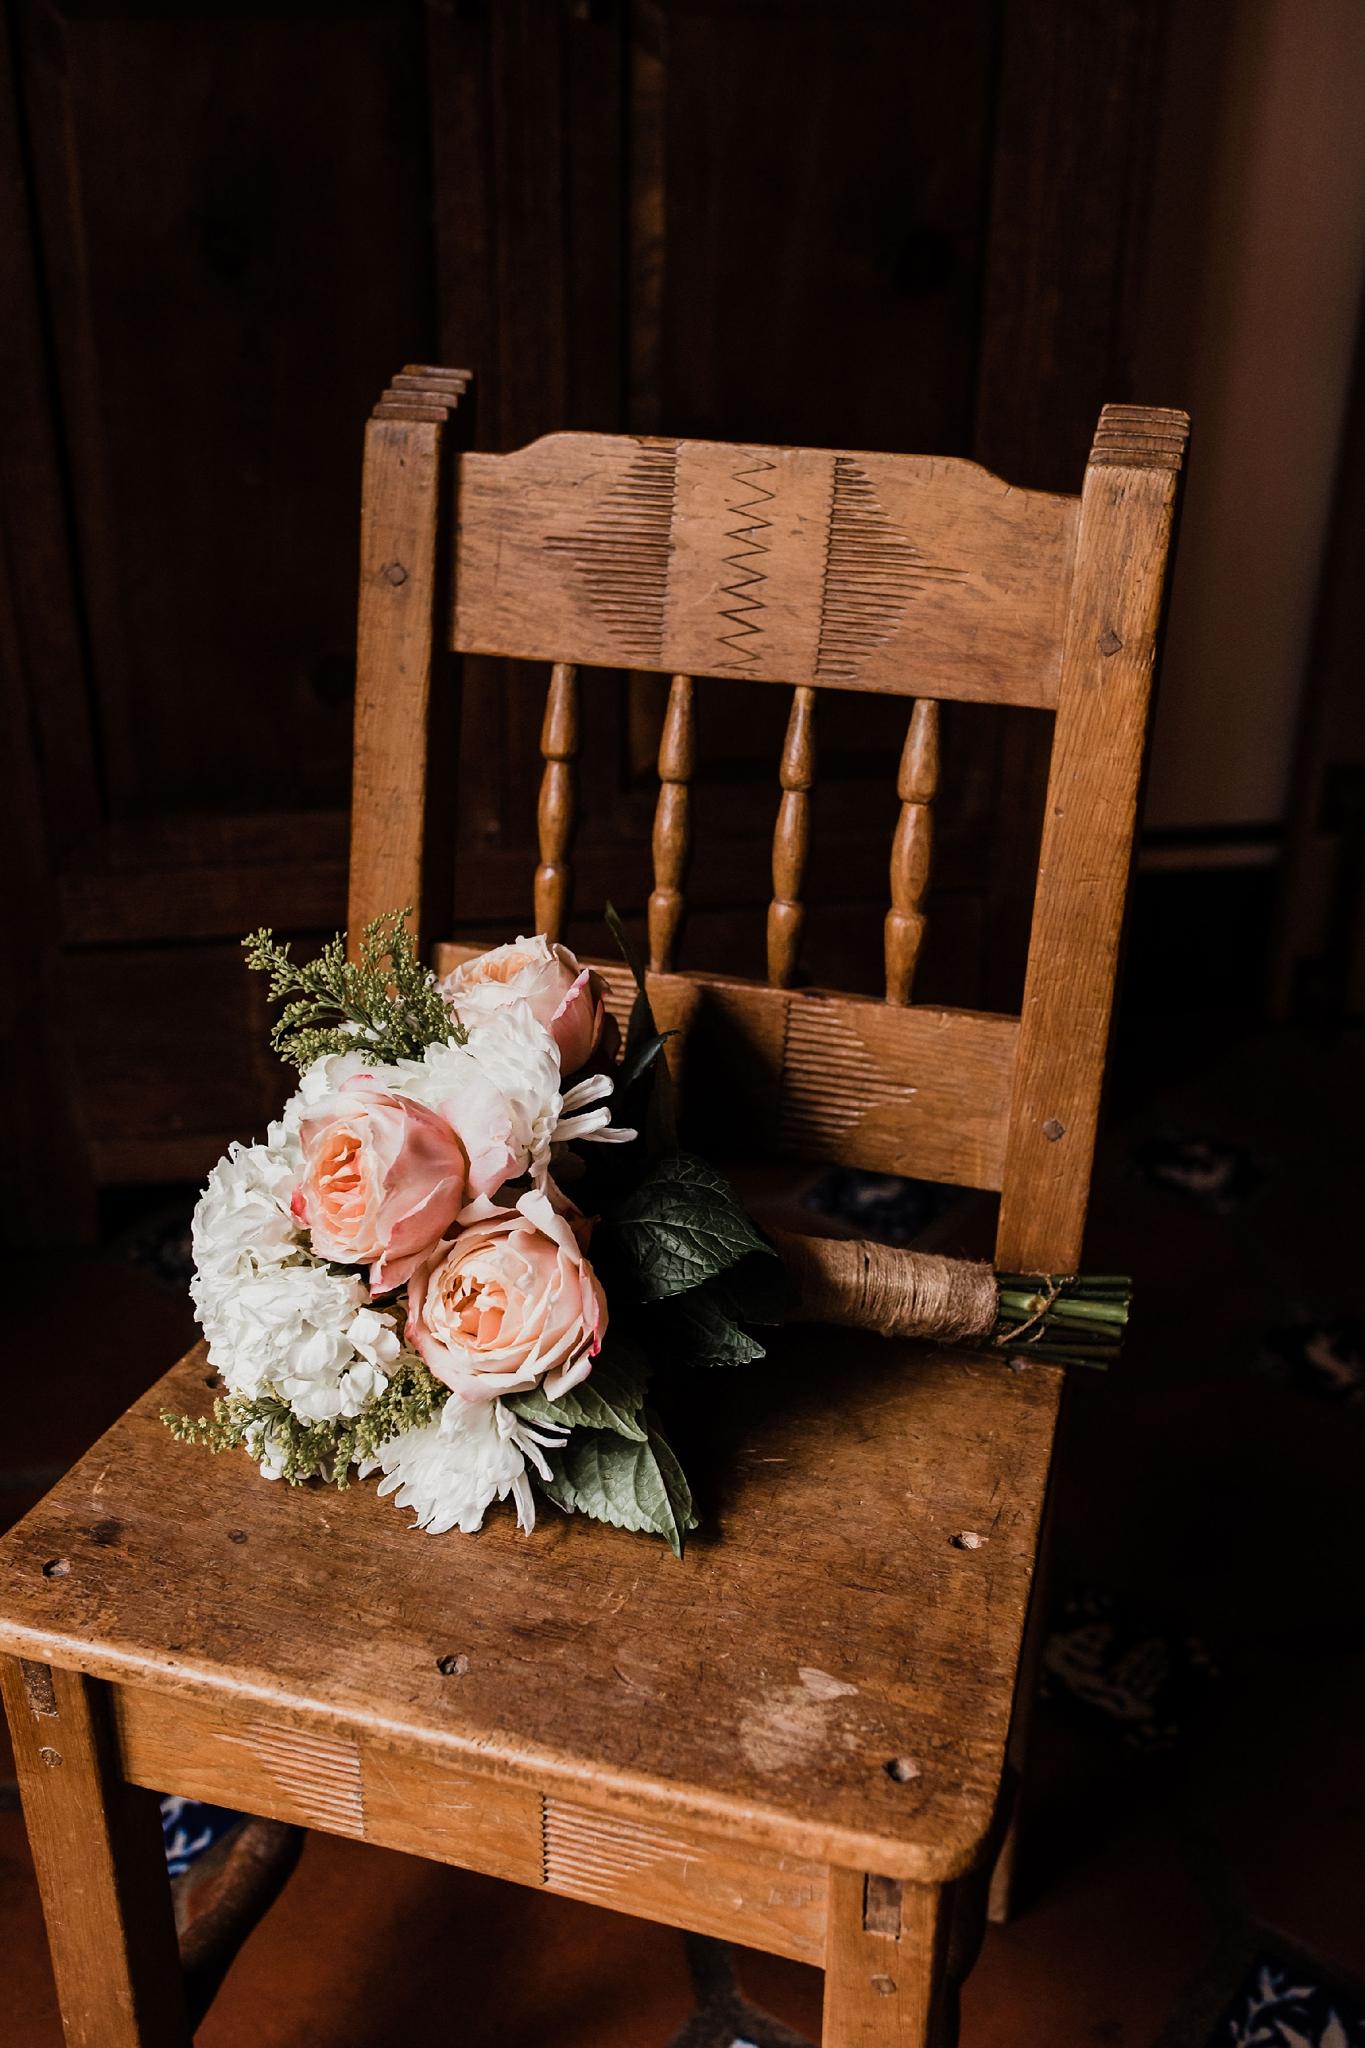 Alicia+lucia+photography+-+albuquerque+wedding+photographer+-+santa+fe+wedding+photography+-+new+mexico+wedding+photographer+-+new+mexico+wedding+-+summer+wedding+-+summer+wedding+florals+-+southwest+wedding_0018.jpg